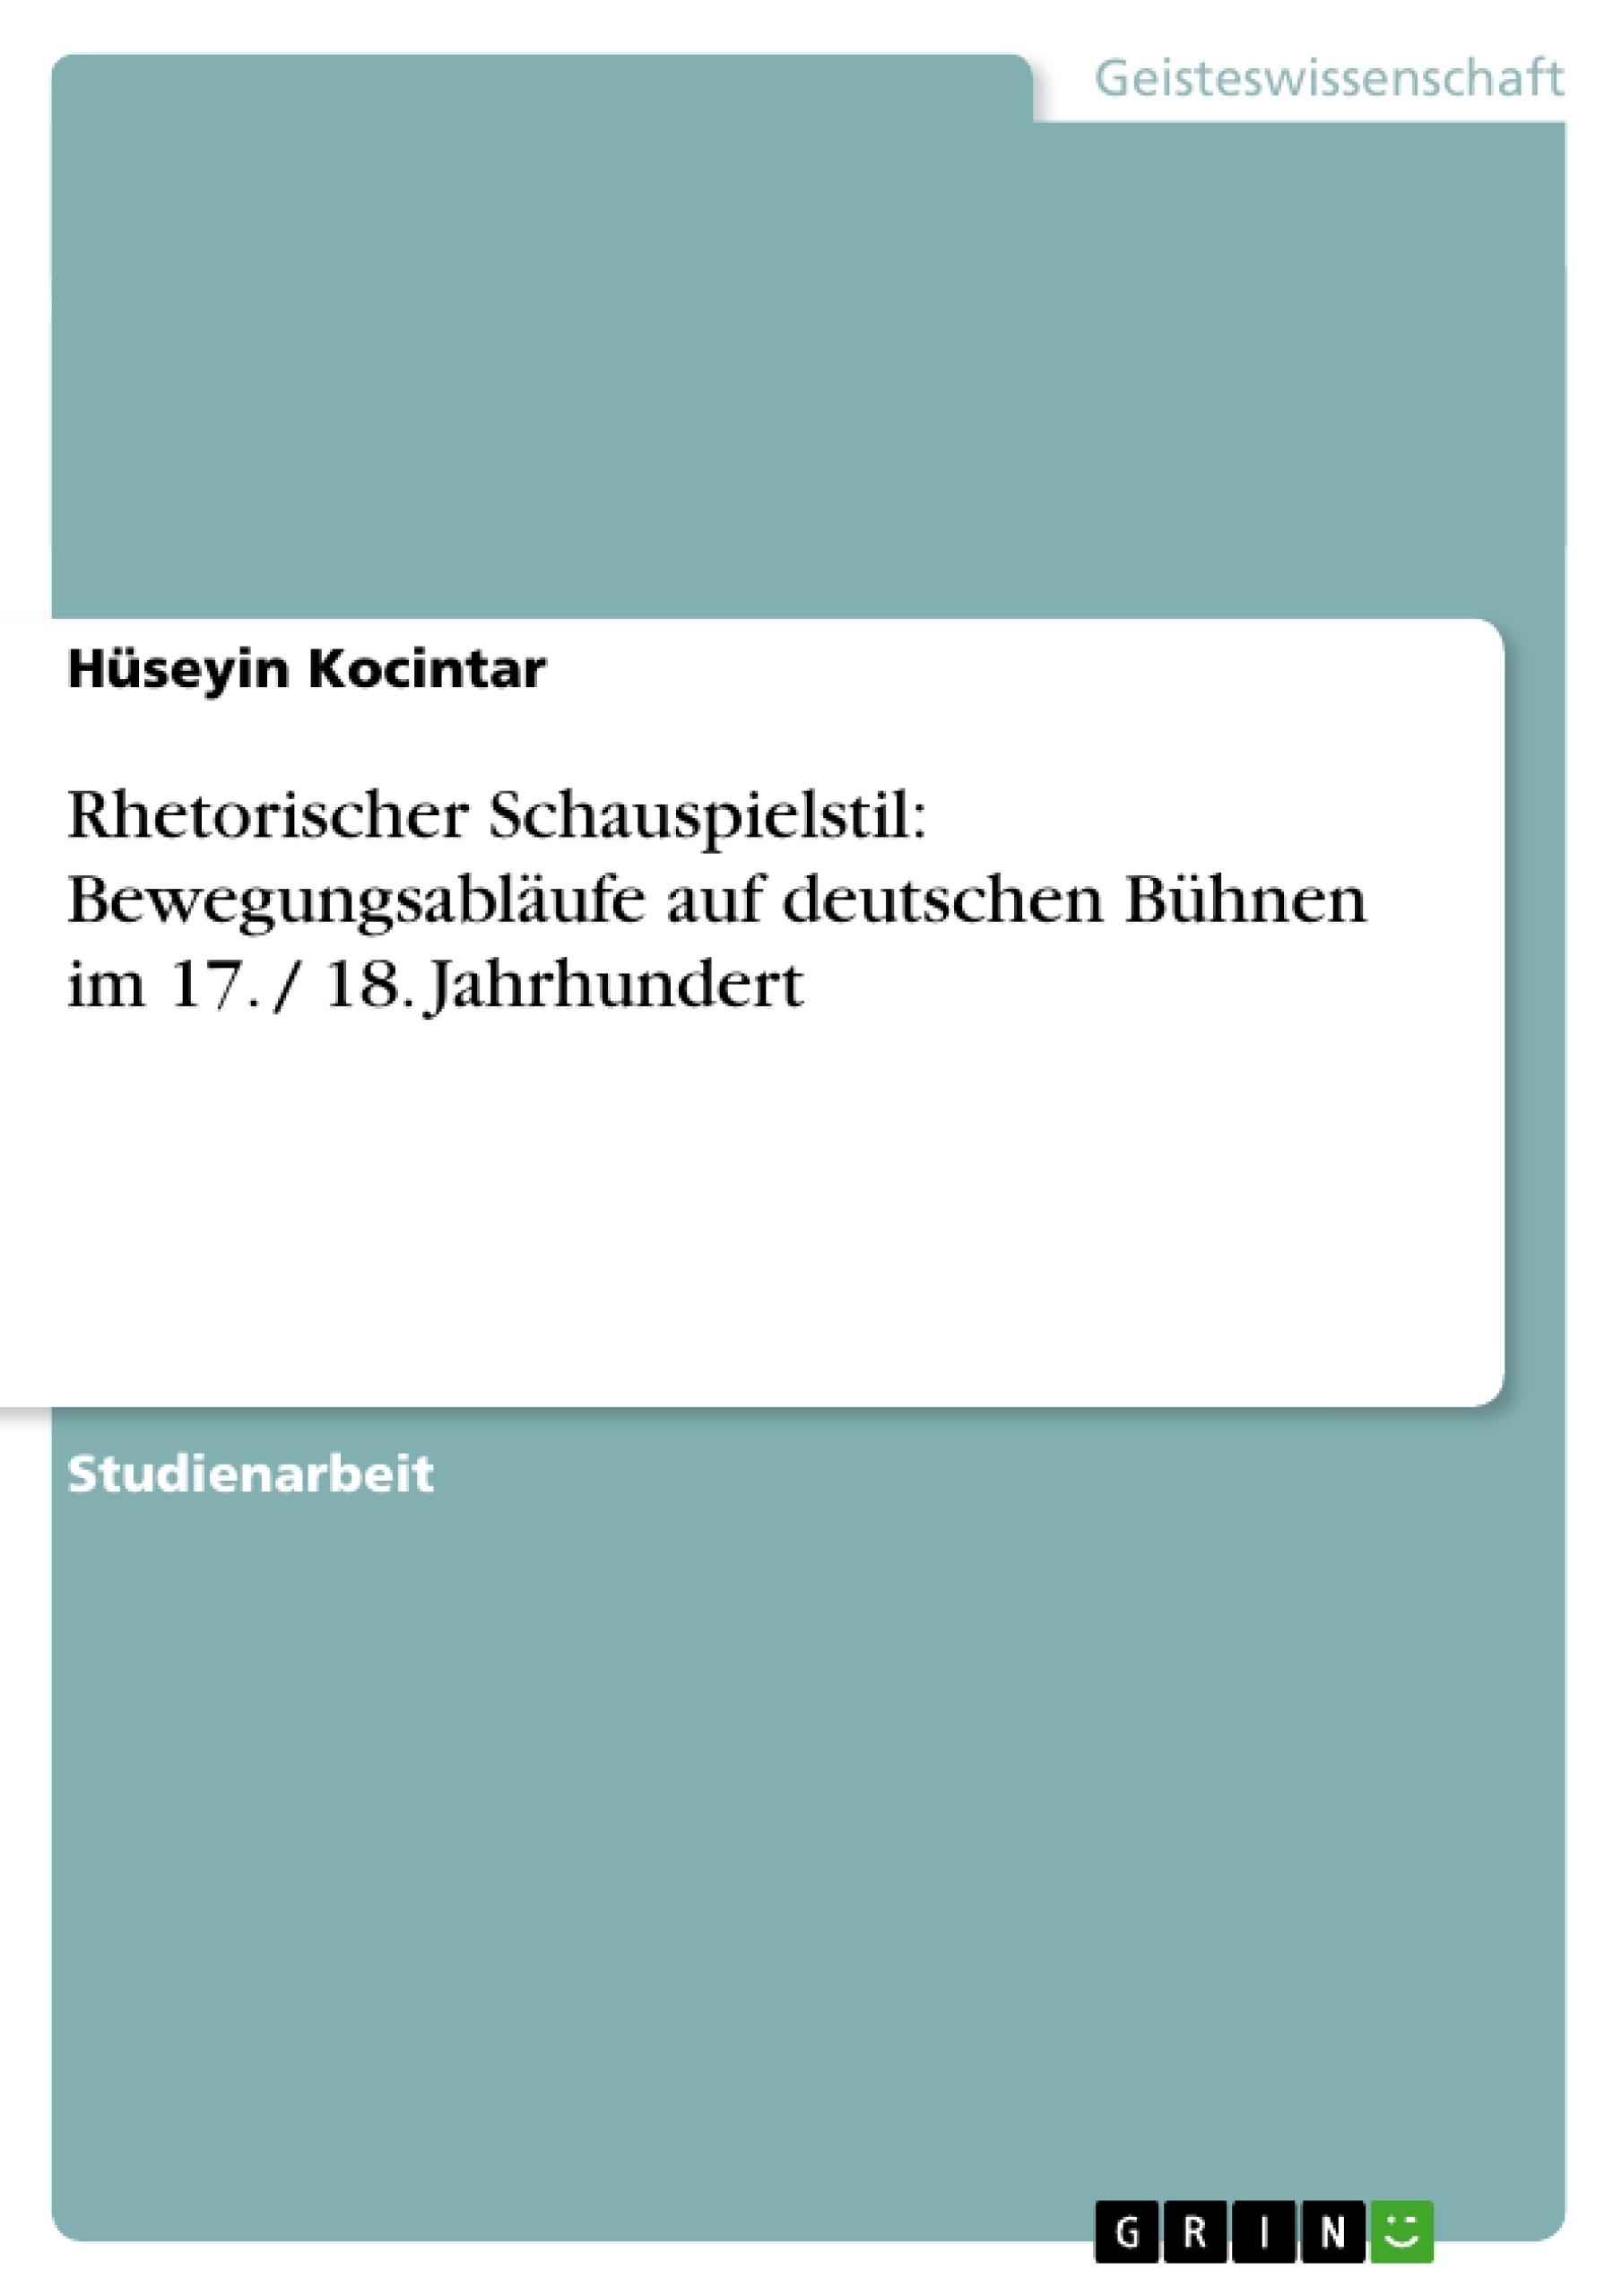 Titel: Rhetorischer Schauspielstil: Bewegungsabläufe auf deutschen Bühnen im 17. / 18. Jahrhundert